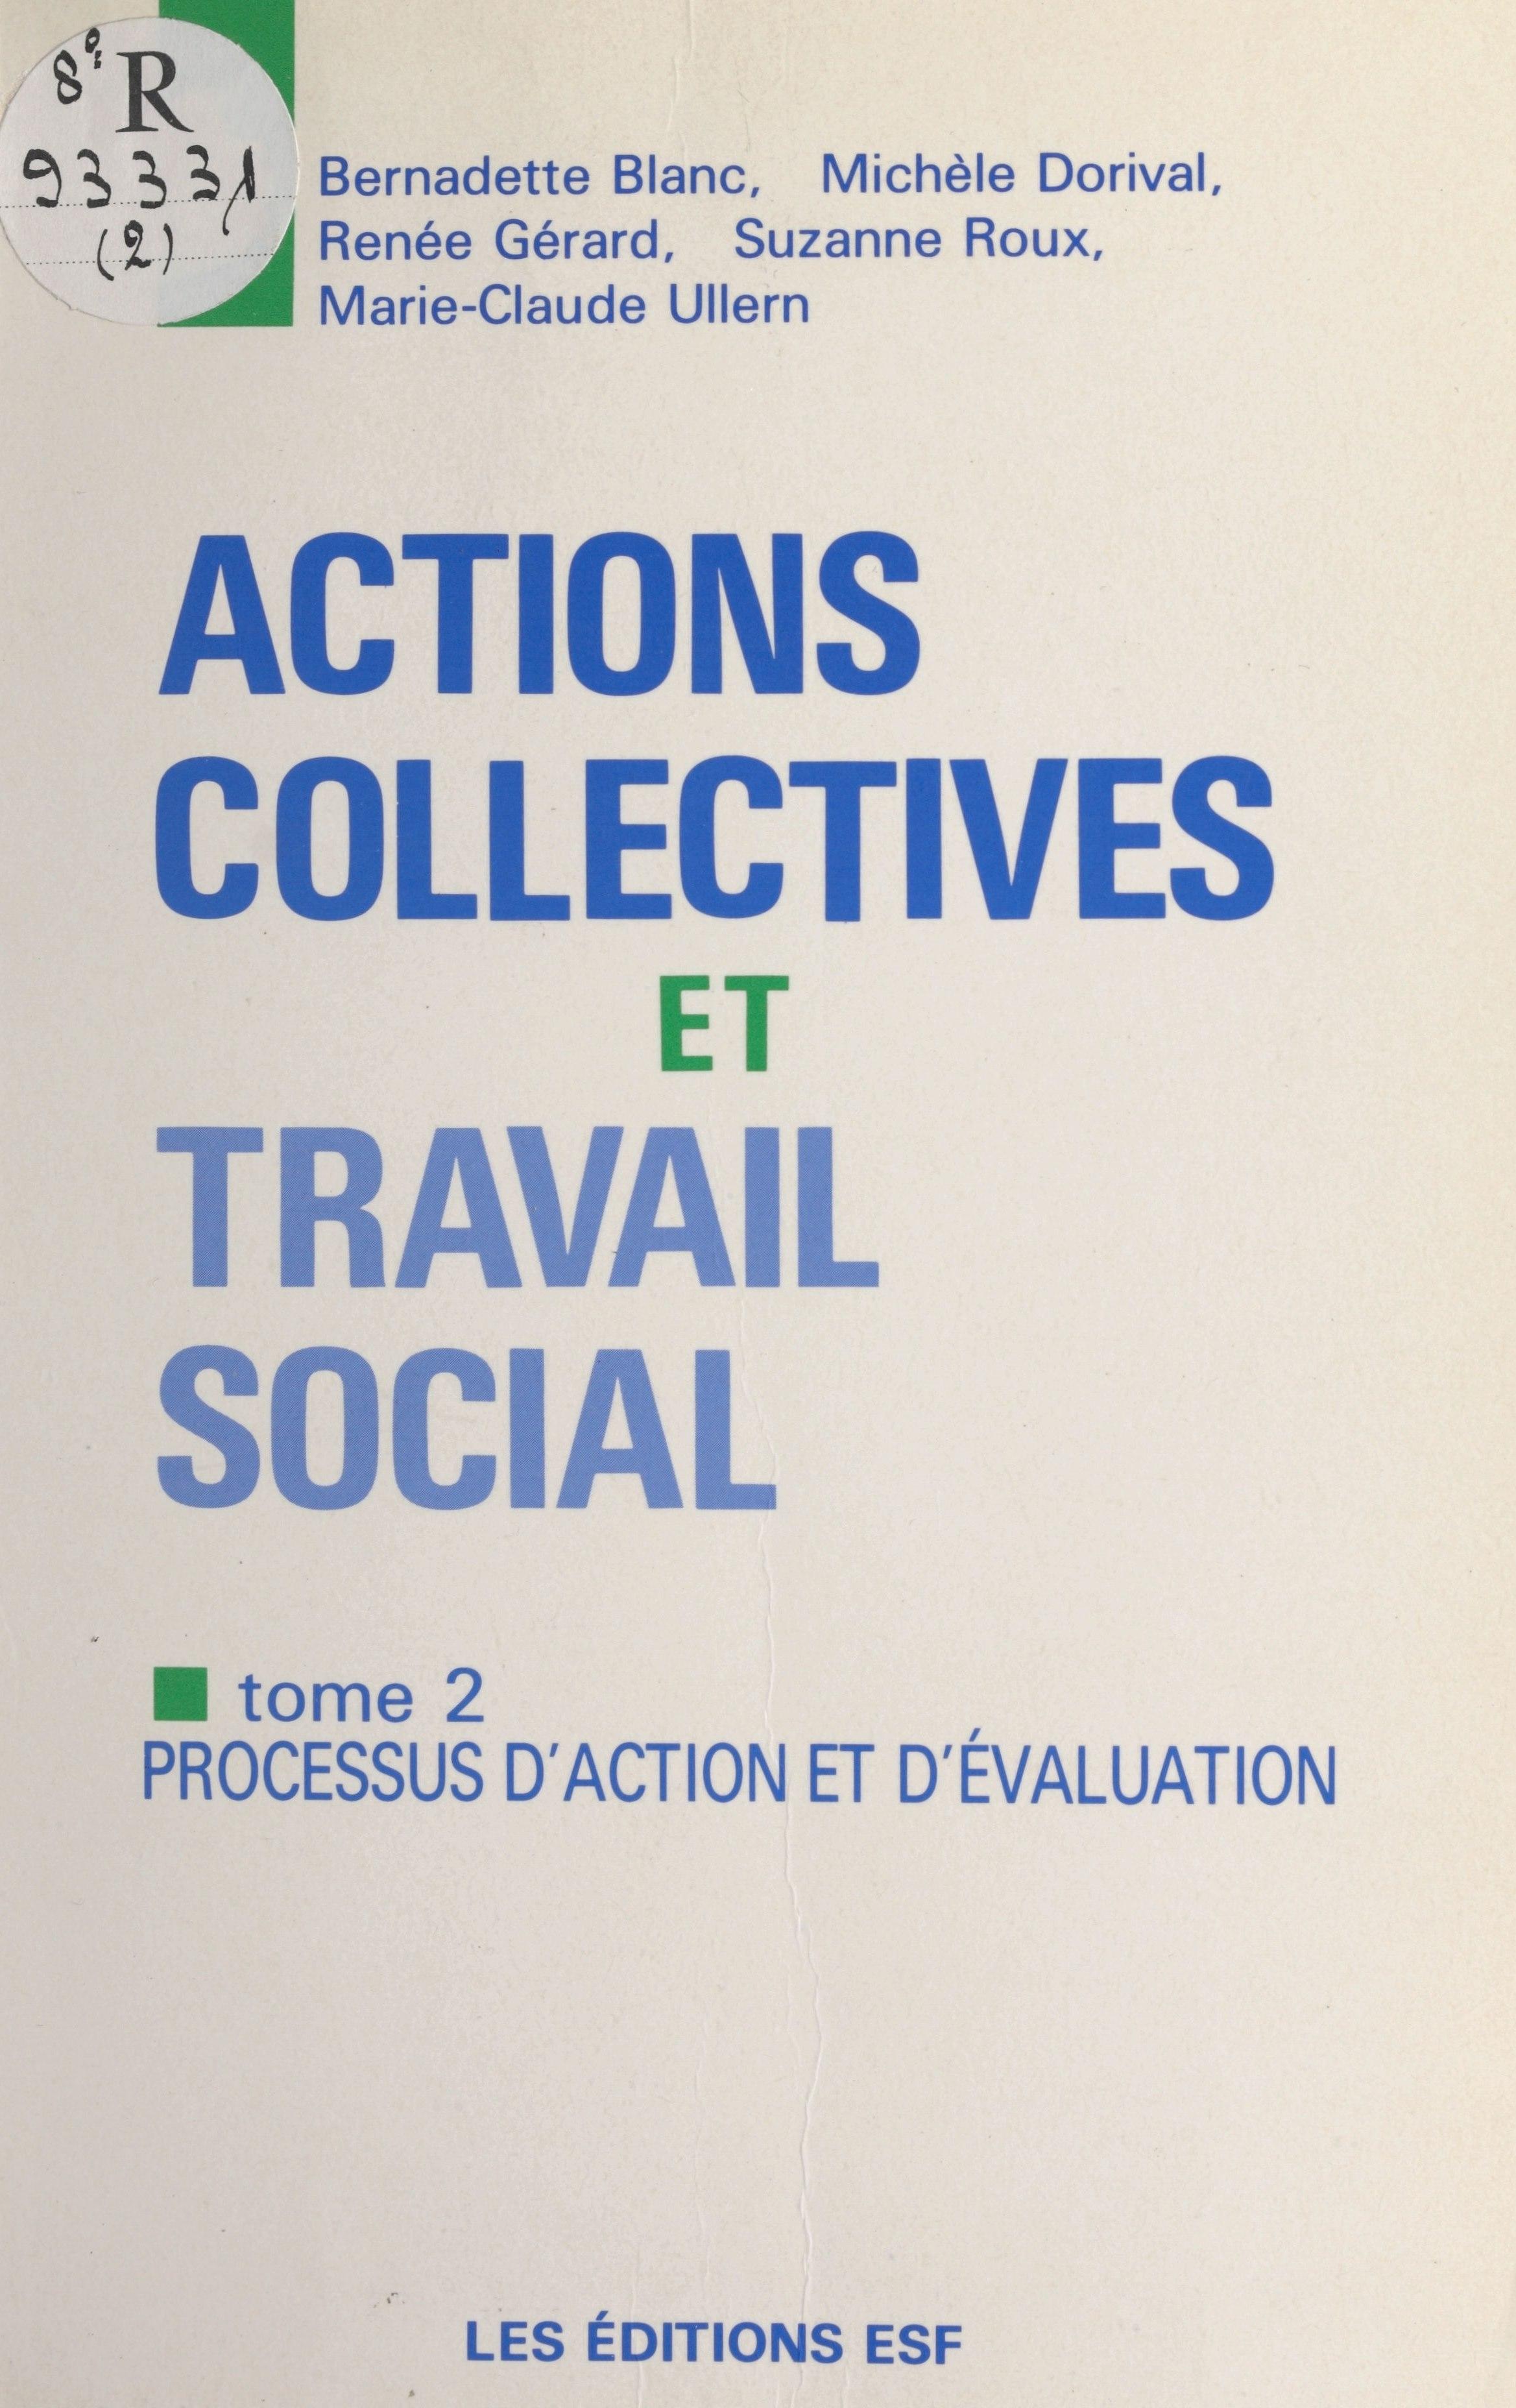 Actions collectives et travail social (2) : Processus d'action et d'évaluation